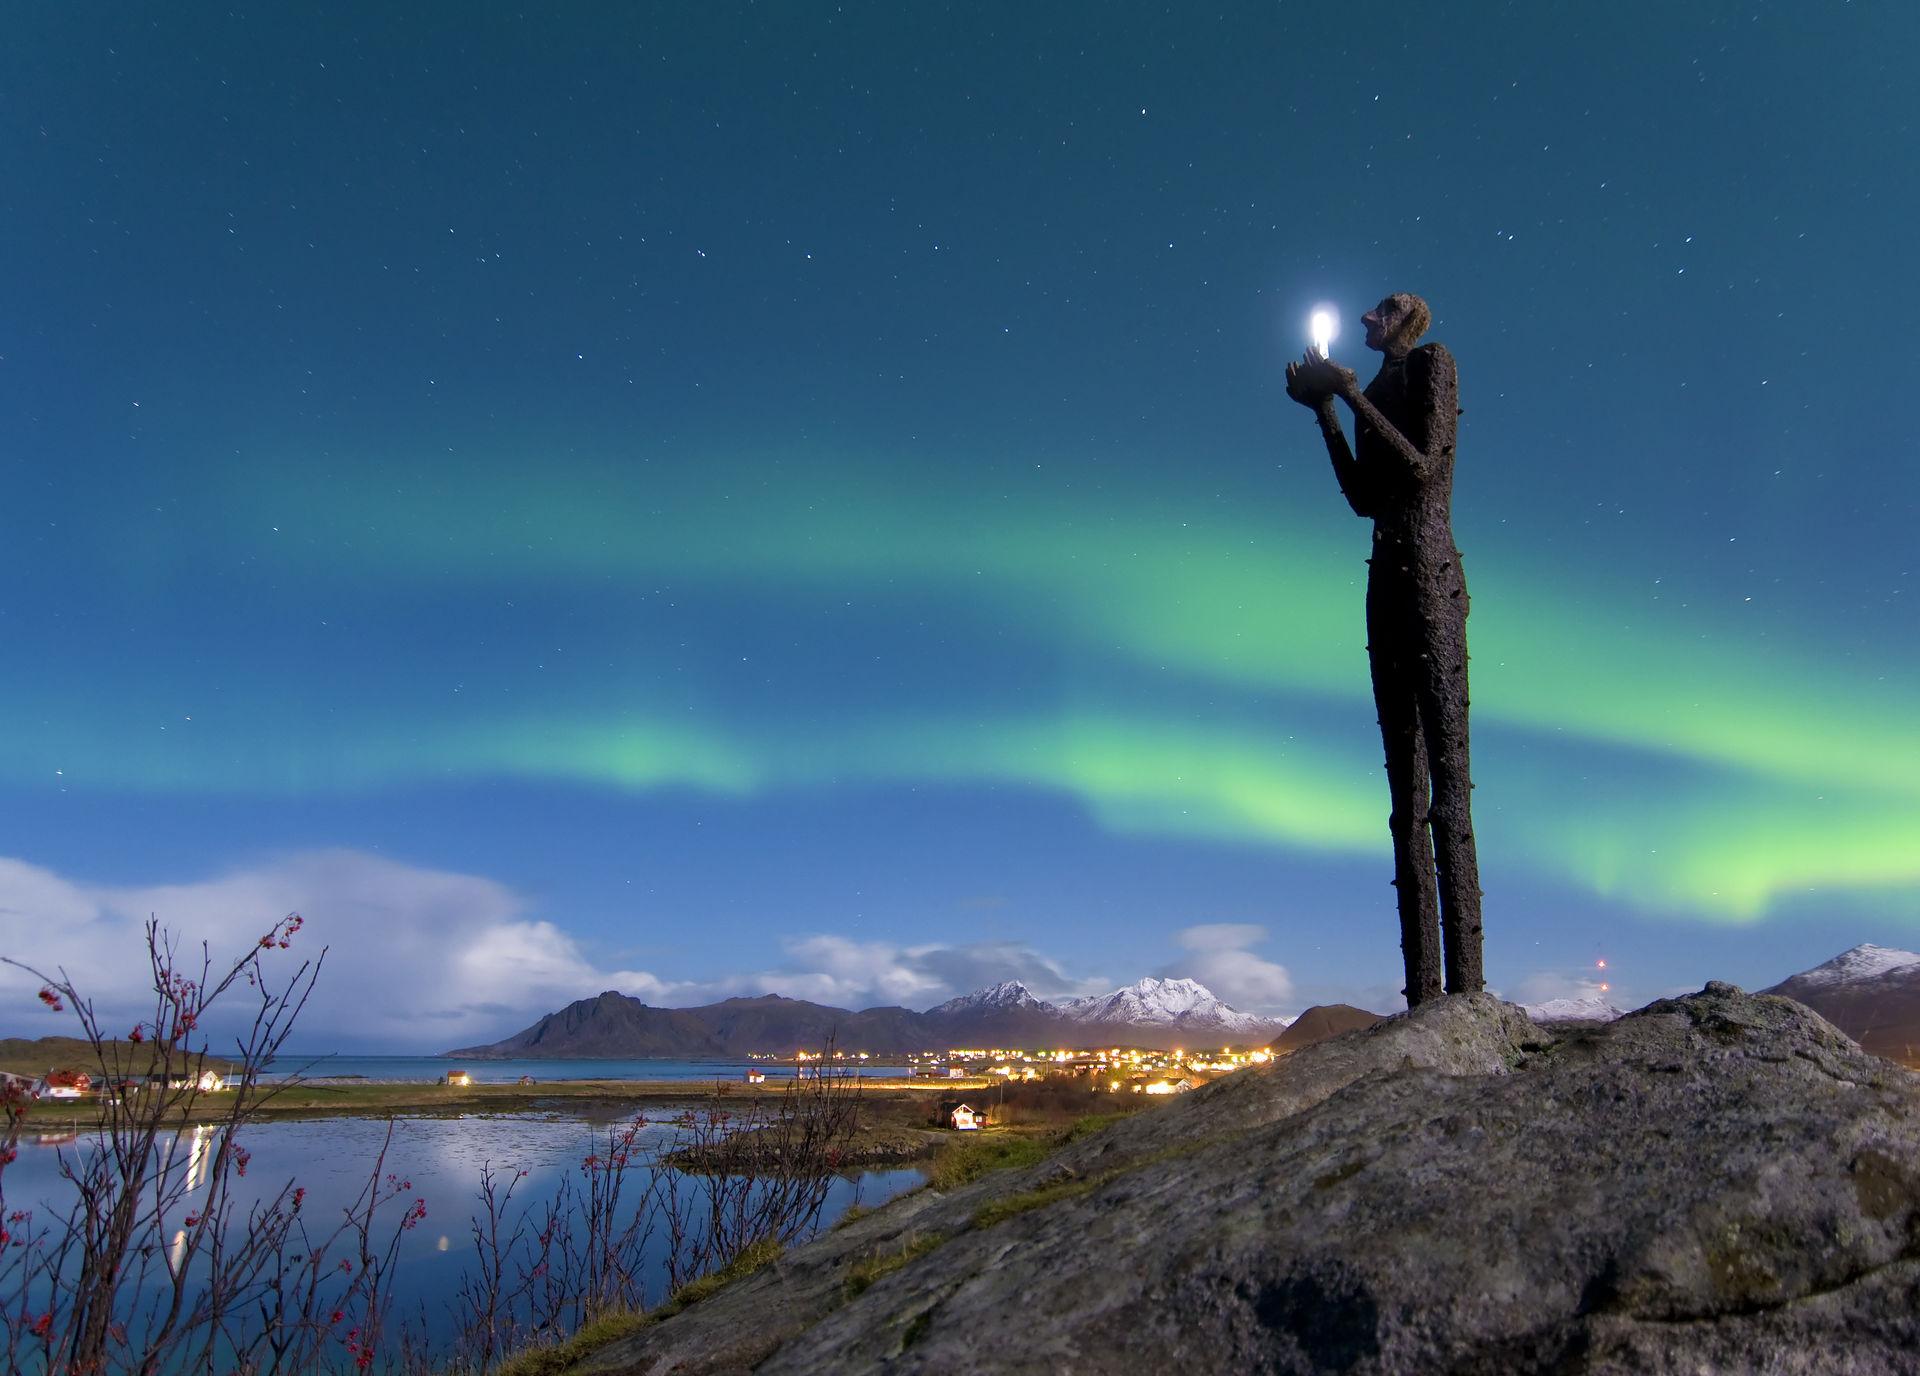 Mannen fra havet (c) Øystein Lunde Ingvaldsen